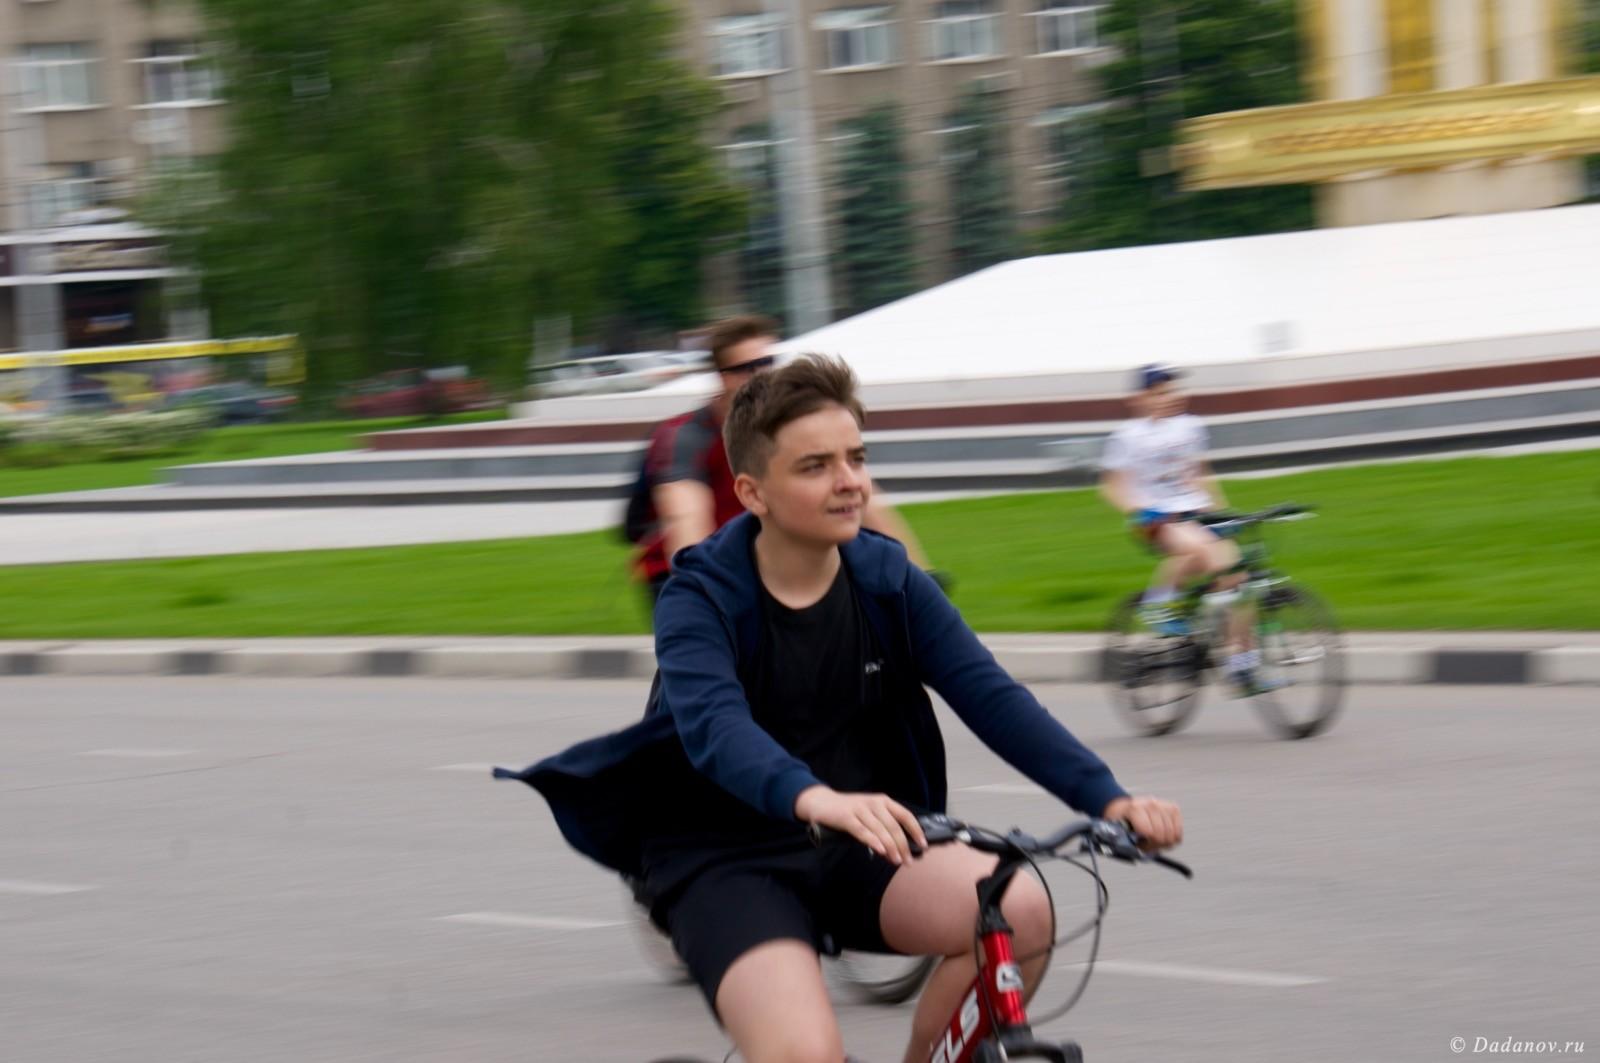 Велодень 2016 в Липецке состоялся. Фотографии с мероприятия 3018